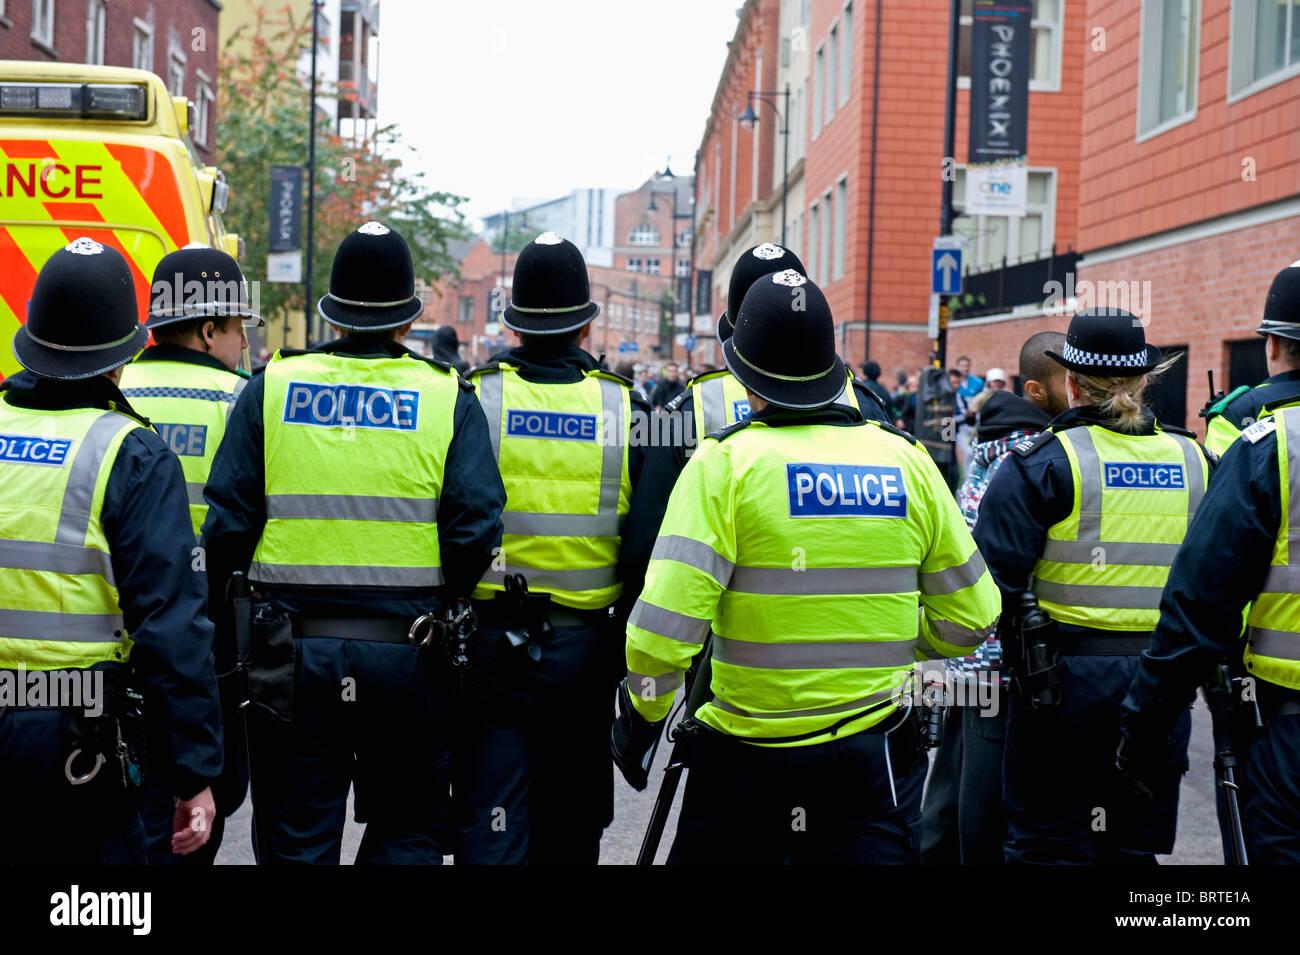 La vigilancia de la Liga de Defensa Inglés Demostración en Leicester. 9 de octubre de 2010. Imagen De Stock